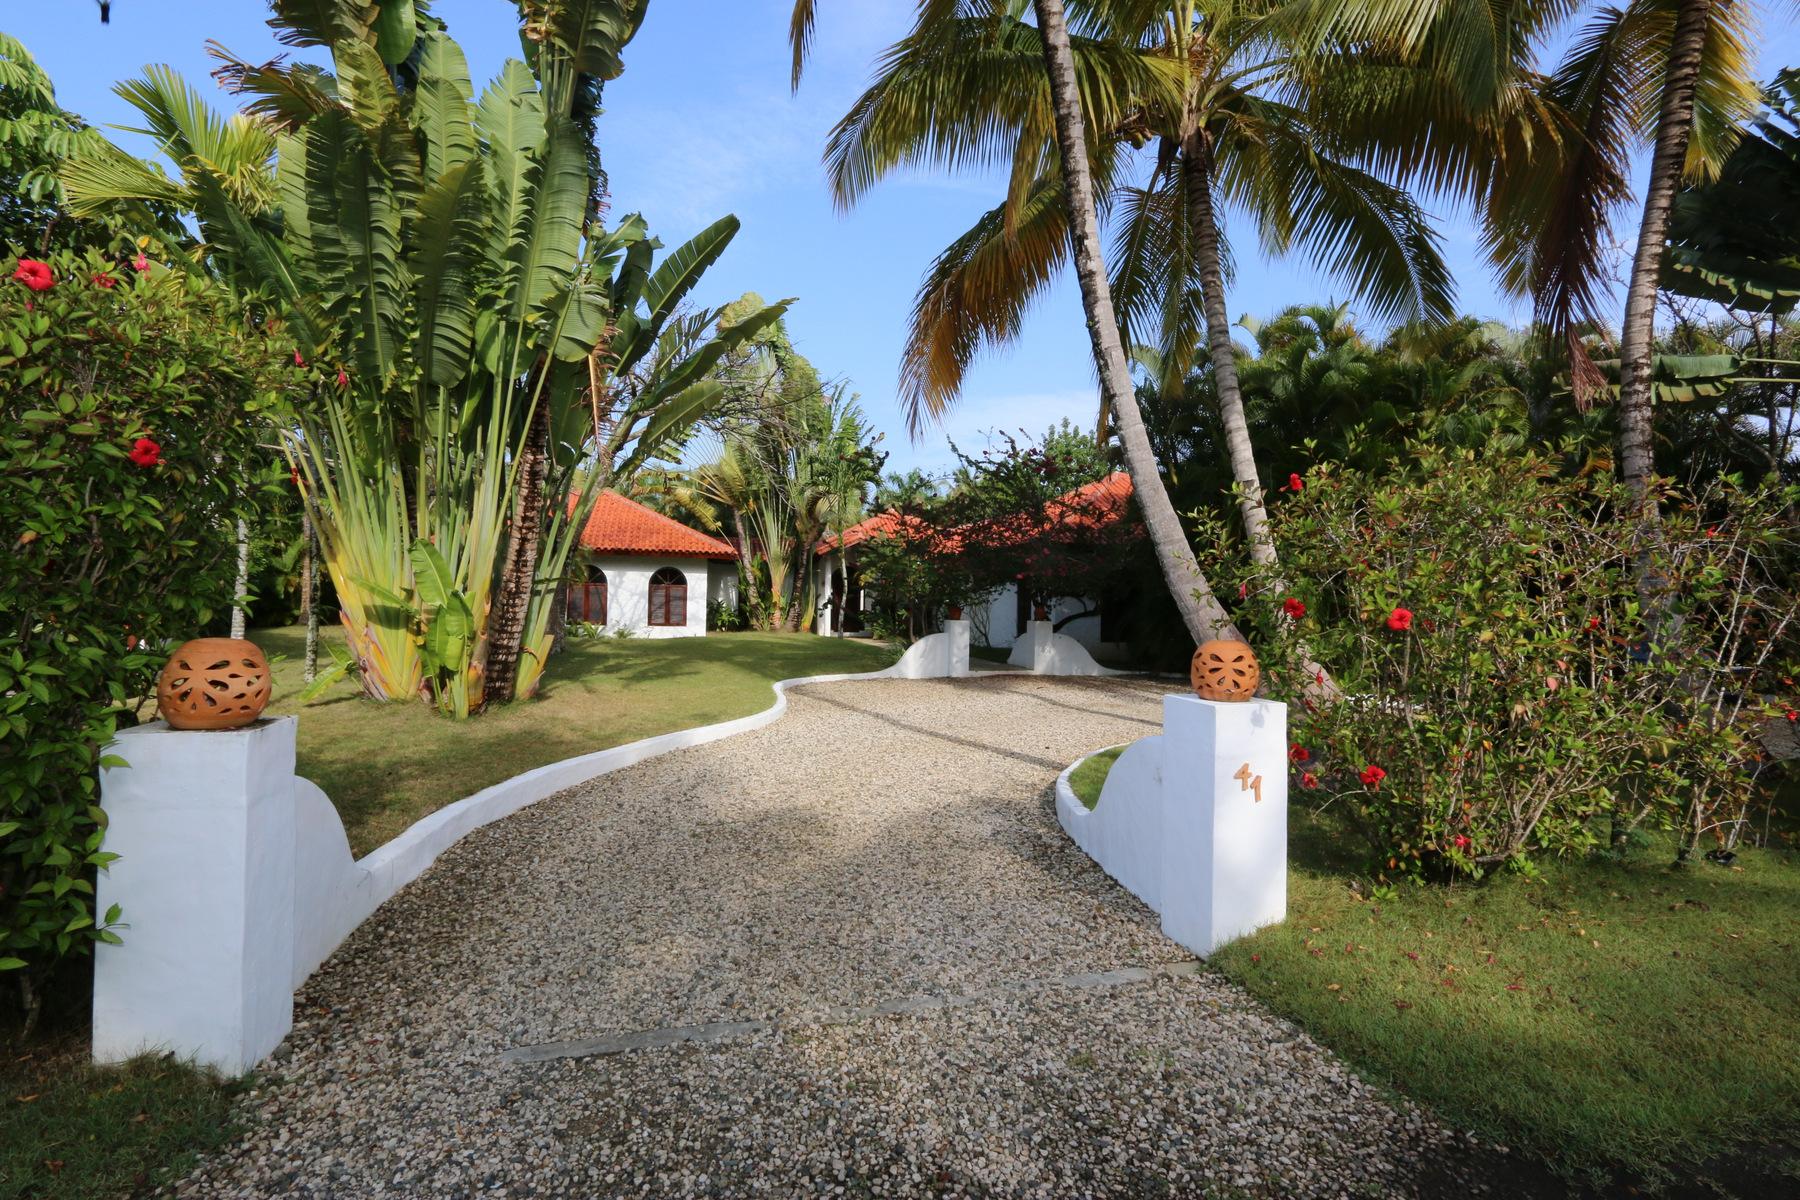 独户住宅 为 销售 在 Villa Suzanna Sea Horse Ranch 41 Cabarete, 普拉塔省, 57000 多米尼加共和国